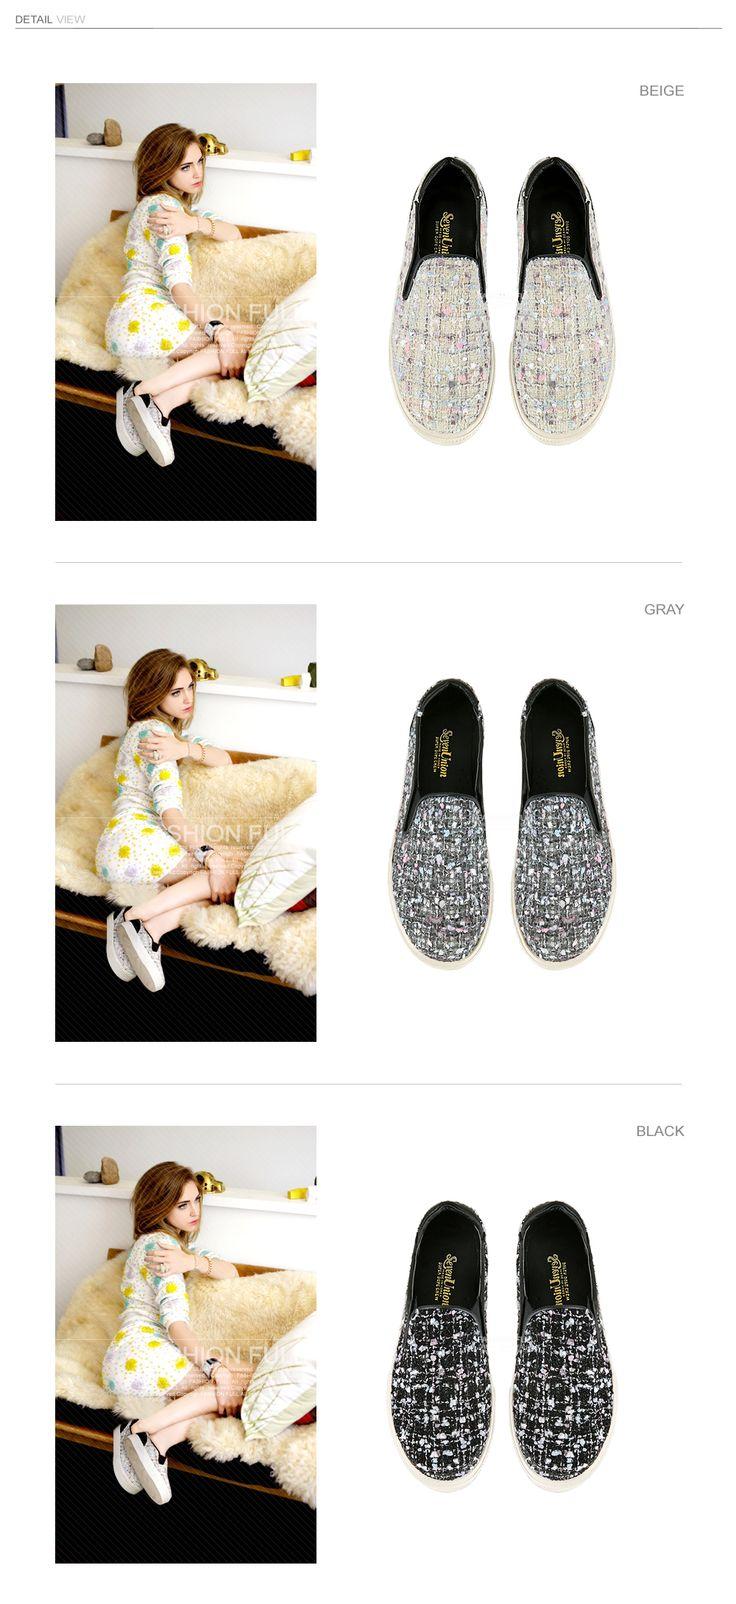 ♥ 패션풀 ♥ 헐리웃스타일 1위 쇼핑몰 ♥ 패션풀 ♥ 입니다